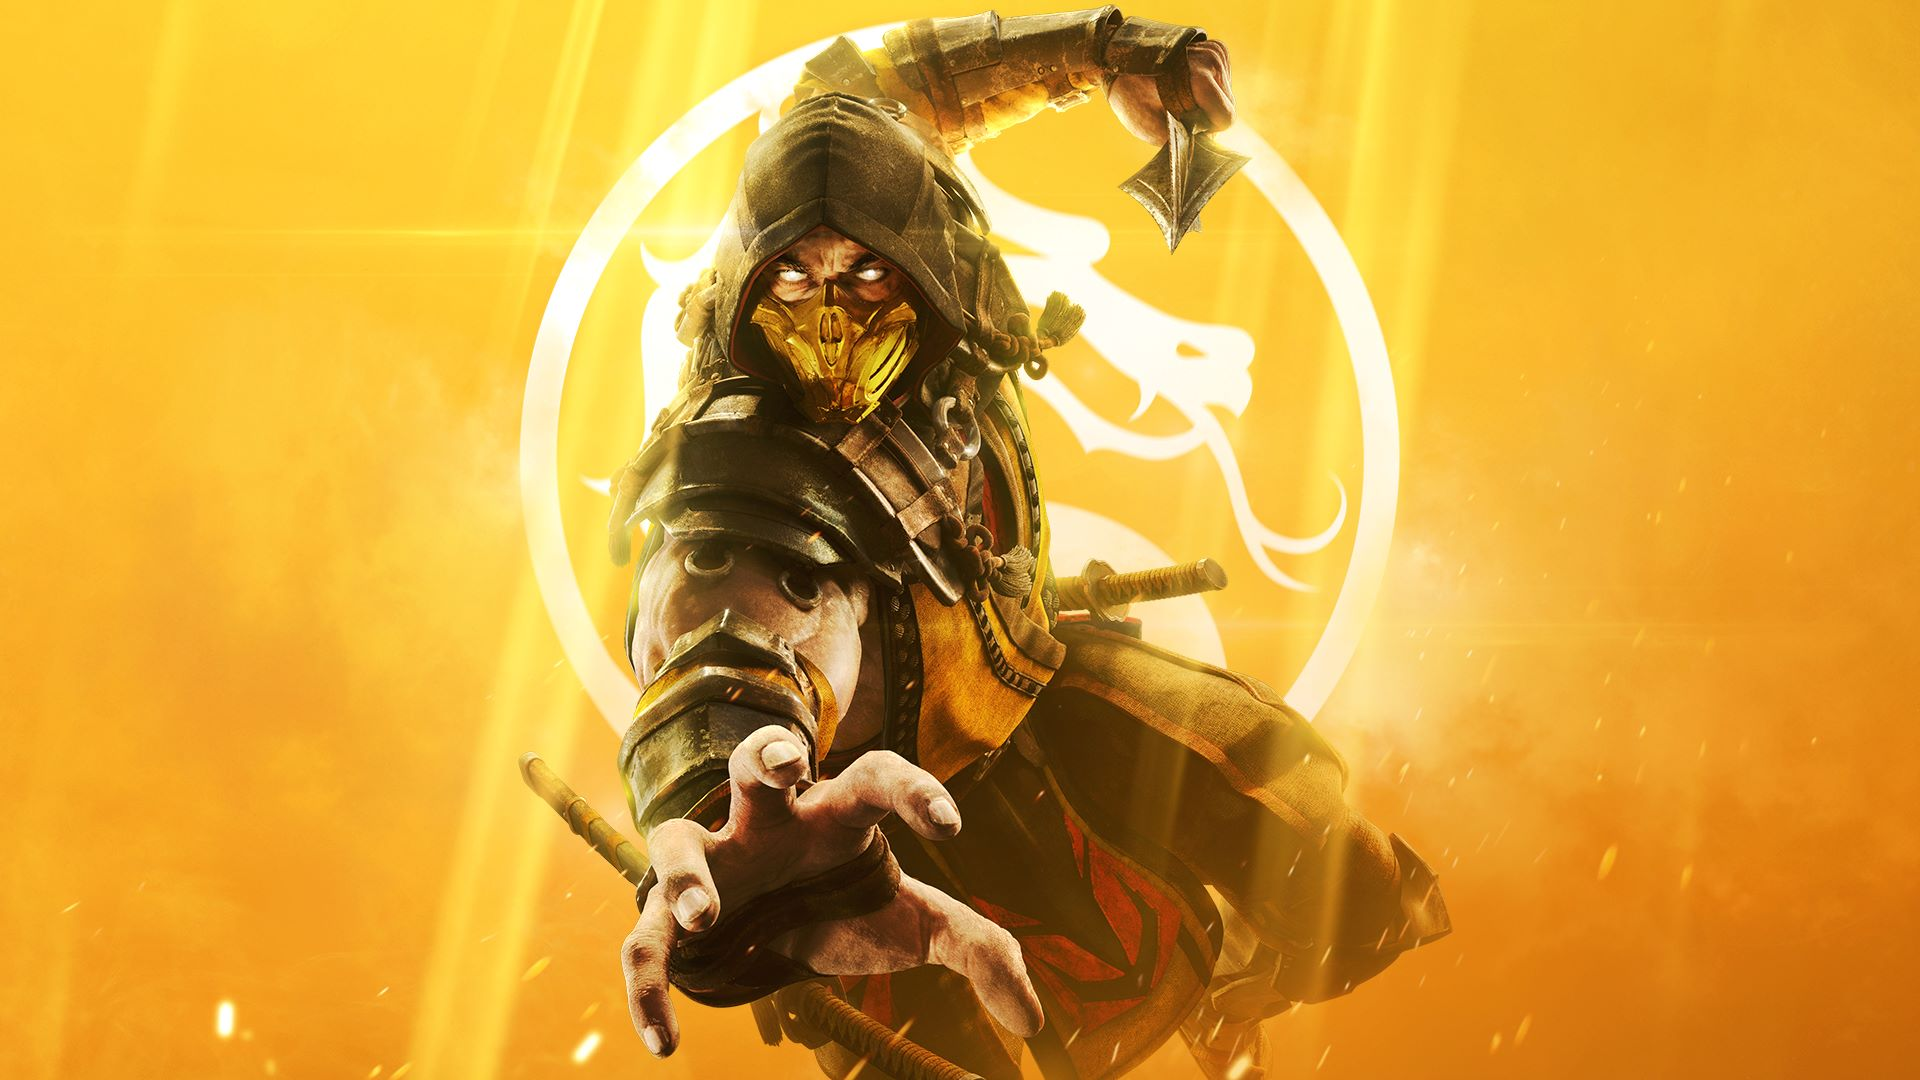 Combien de temps pour battre le mode Histoire de Mortal Kombat 11 ?